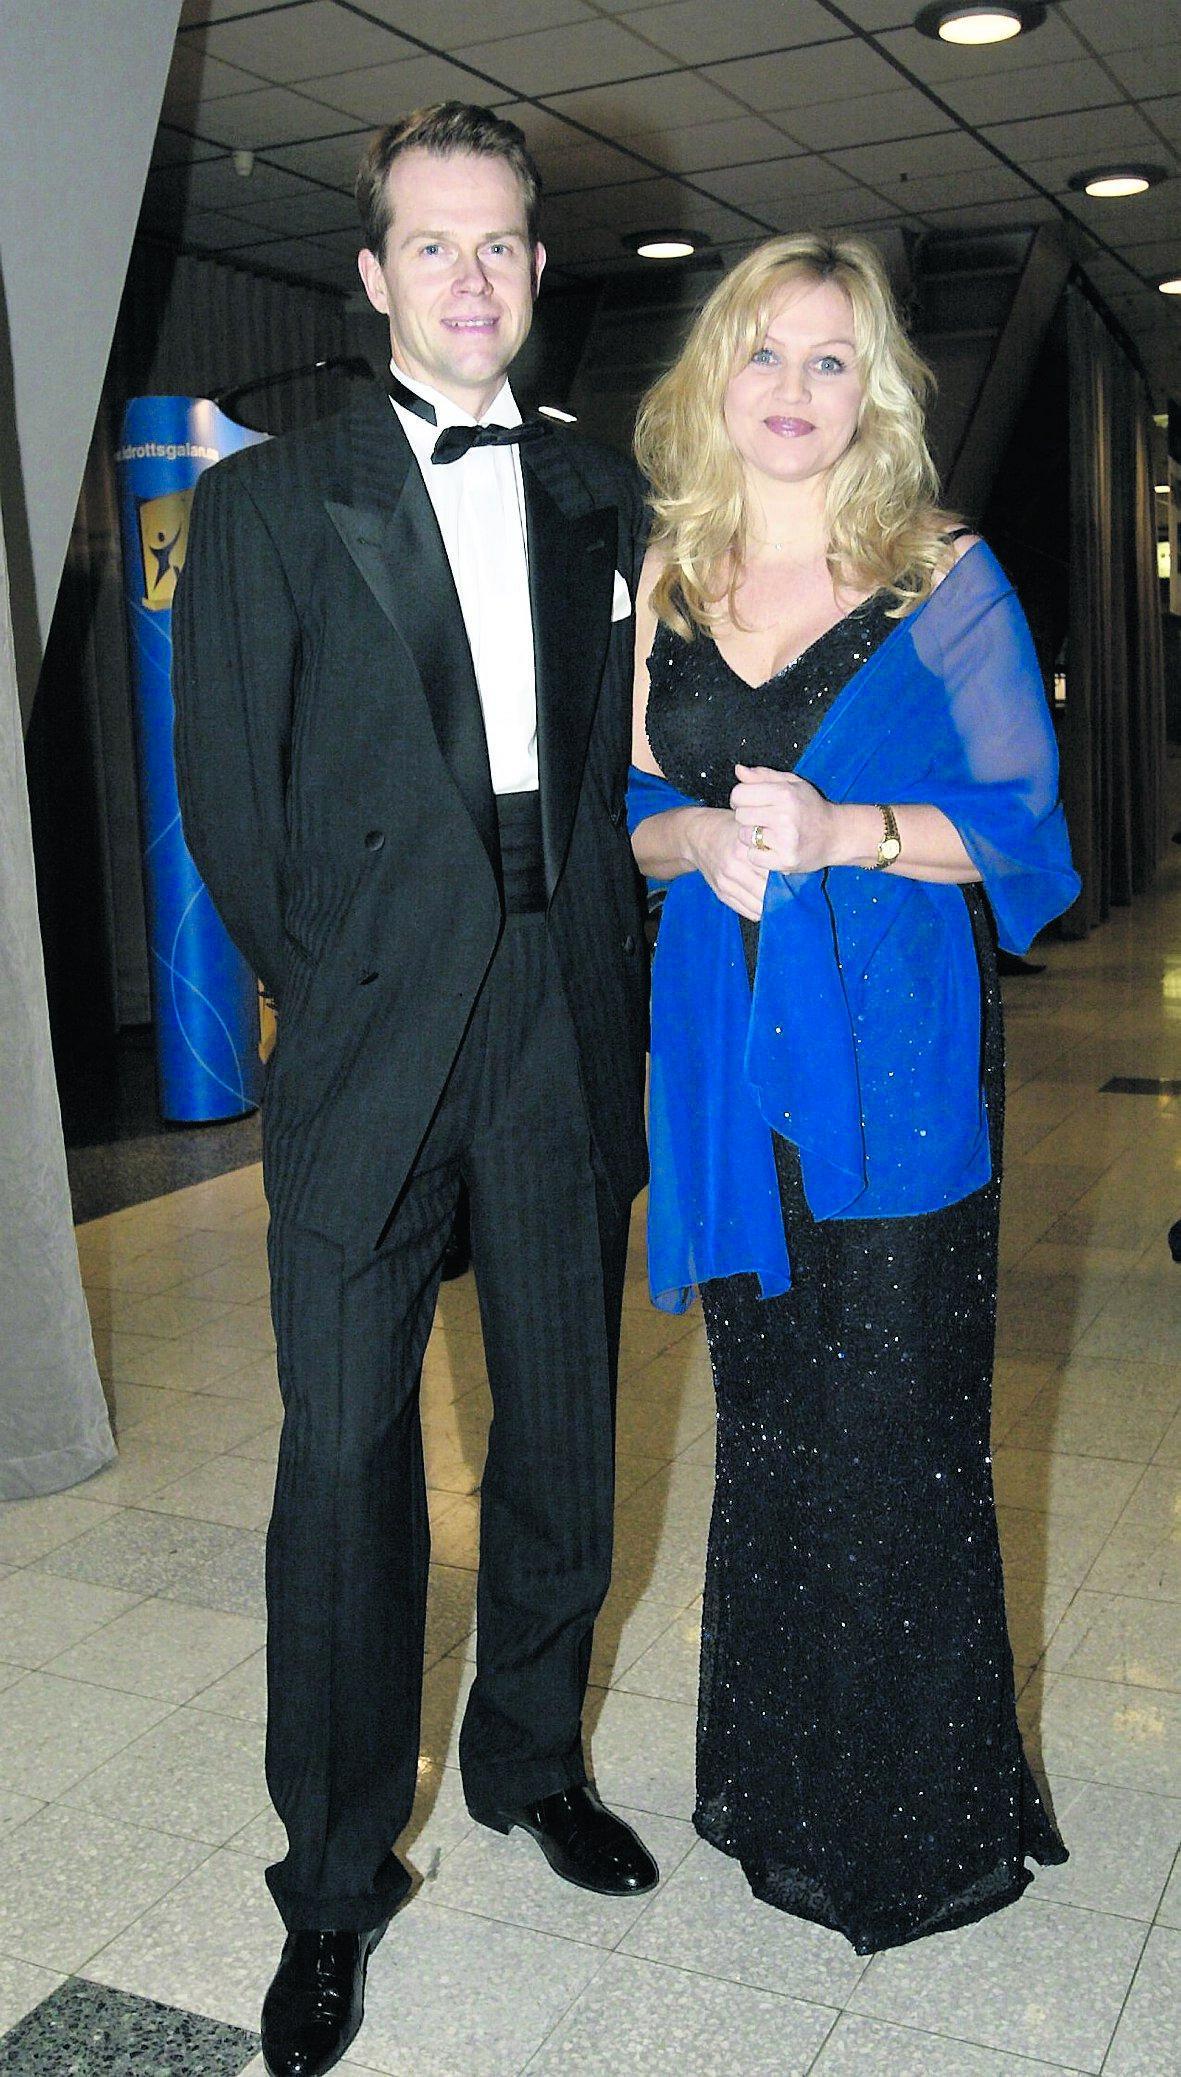 Anette Edberg är nu gift med Stefan Edberg.